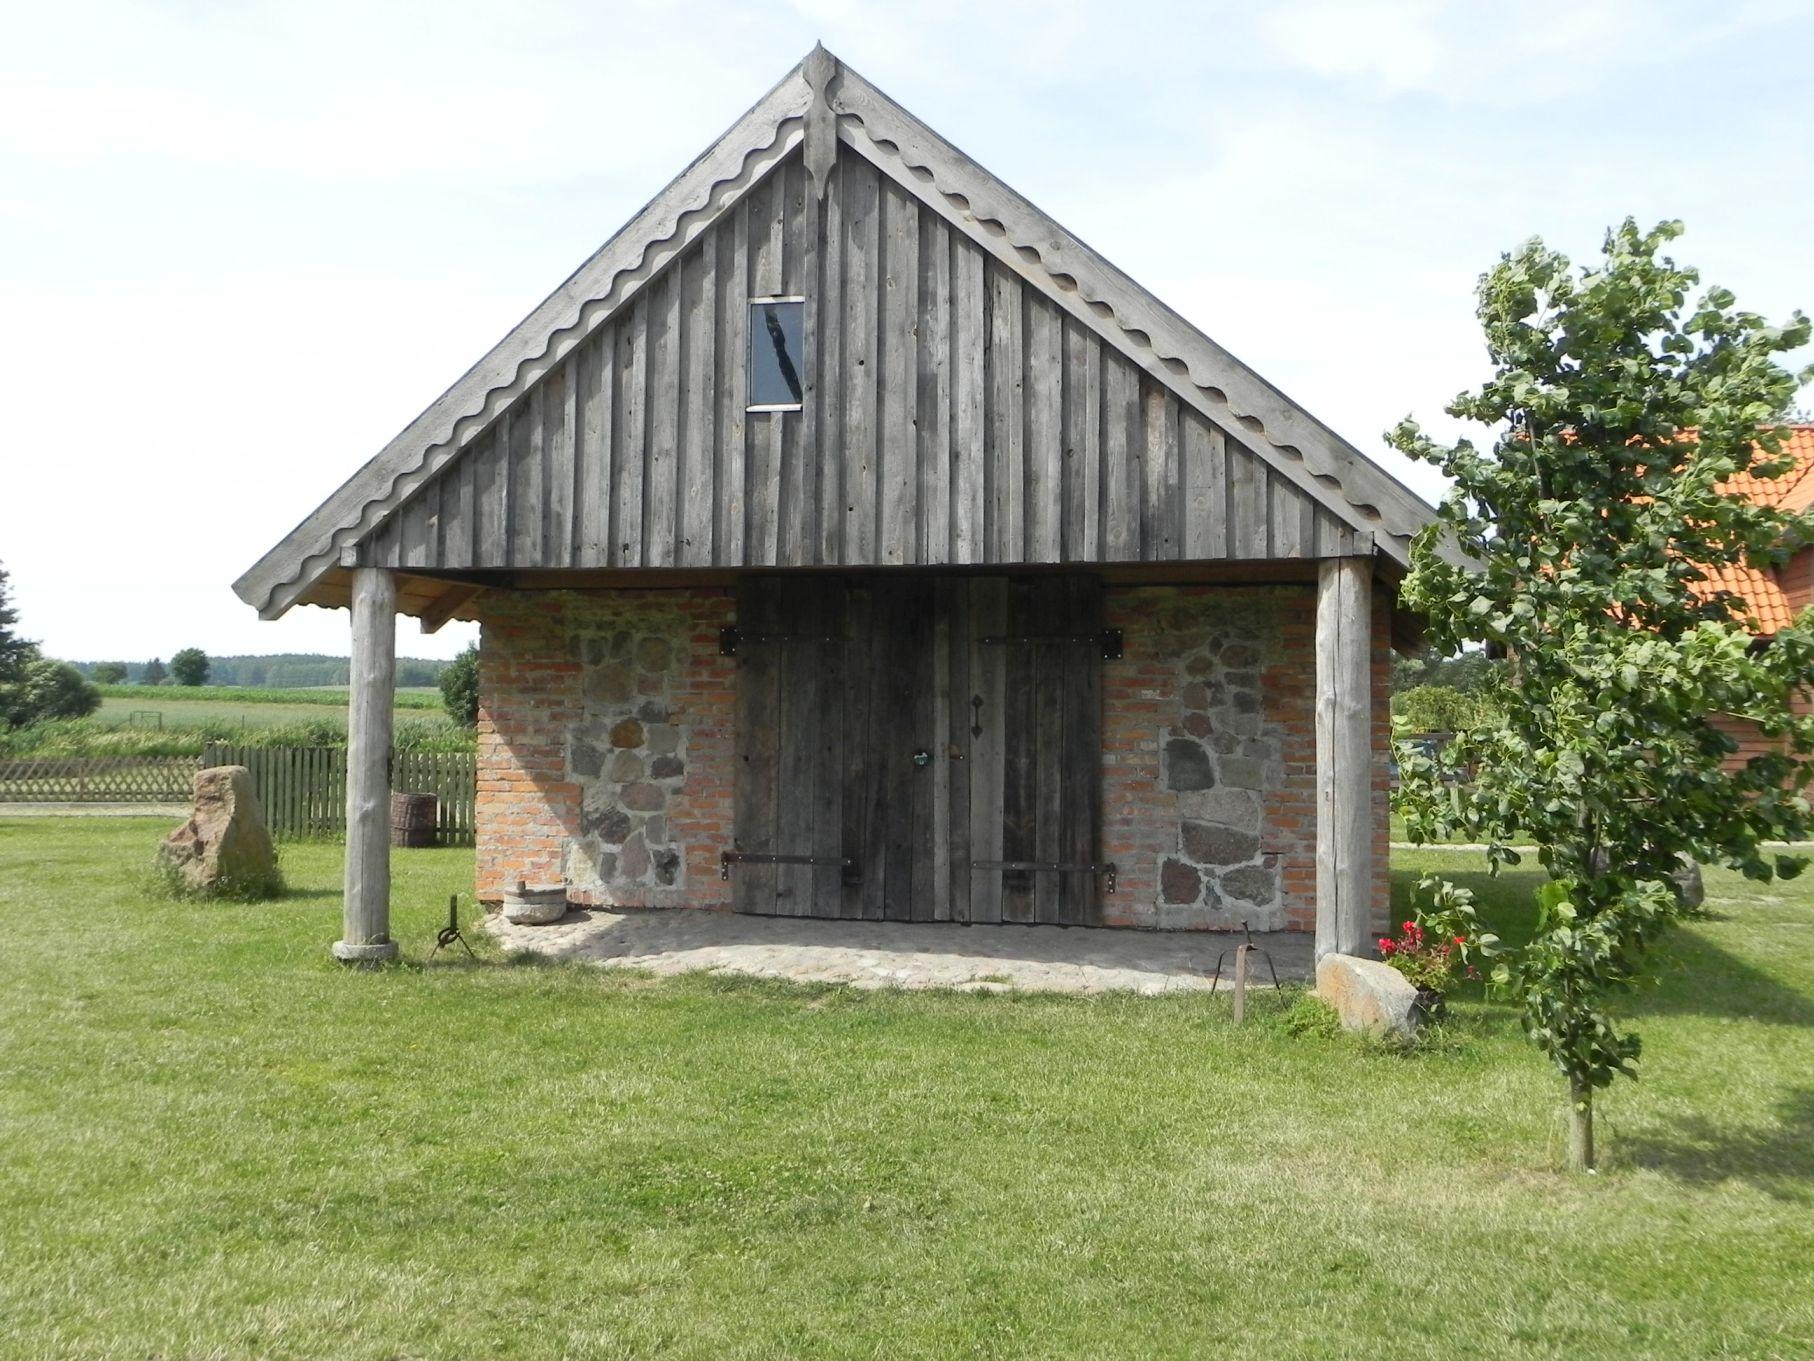 Kamionka - wioski tematyczne (8)